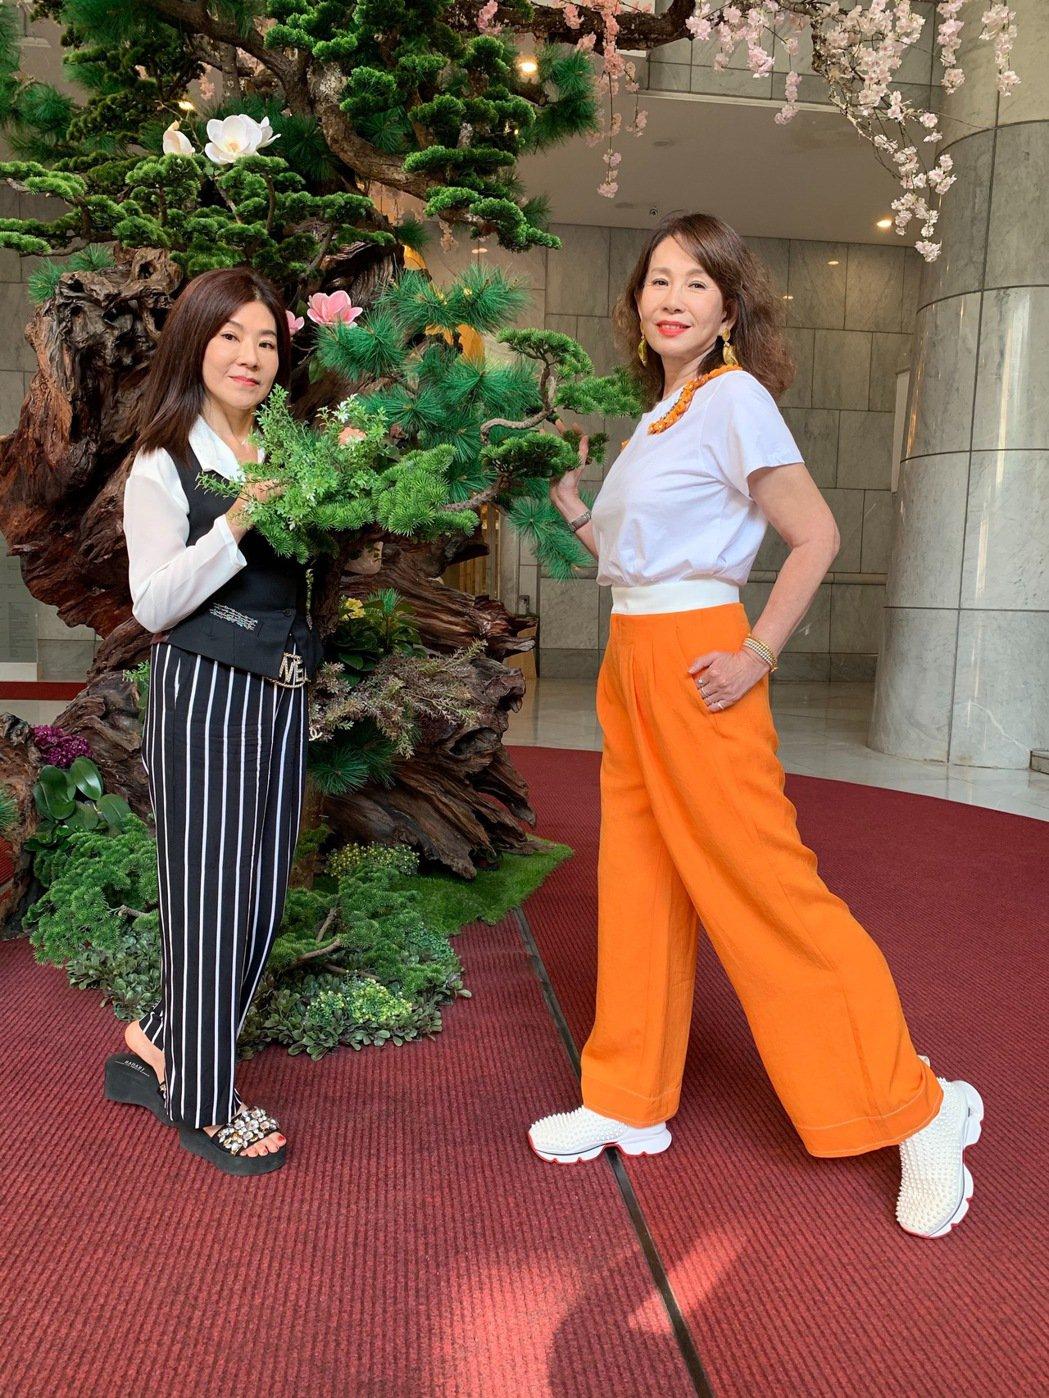 蔣黎麗(左)剛自美返台,周丹薇則赴威尼斯進修,剛回來就約碰面。記者陳慧貞/攝影